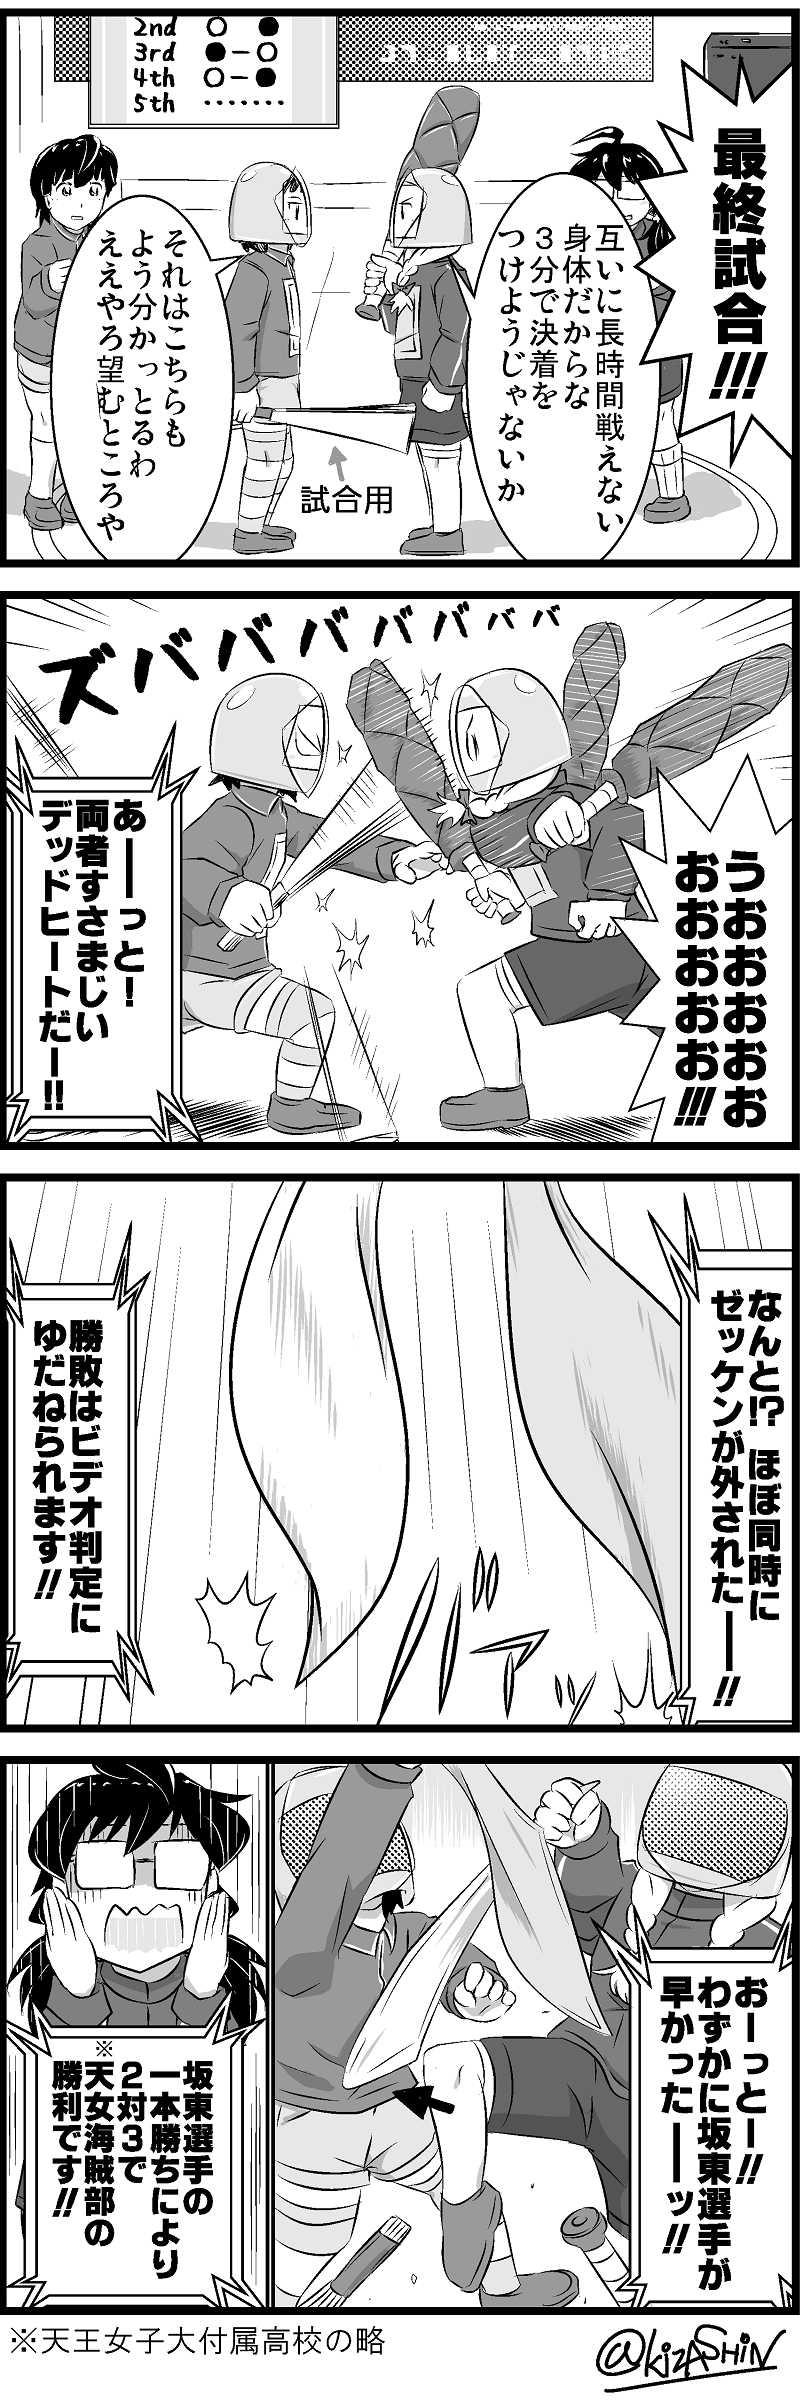 第67話 「決戦!第5試合・星空繭 vs 坂東千夏」